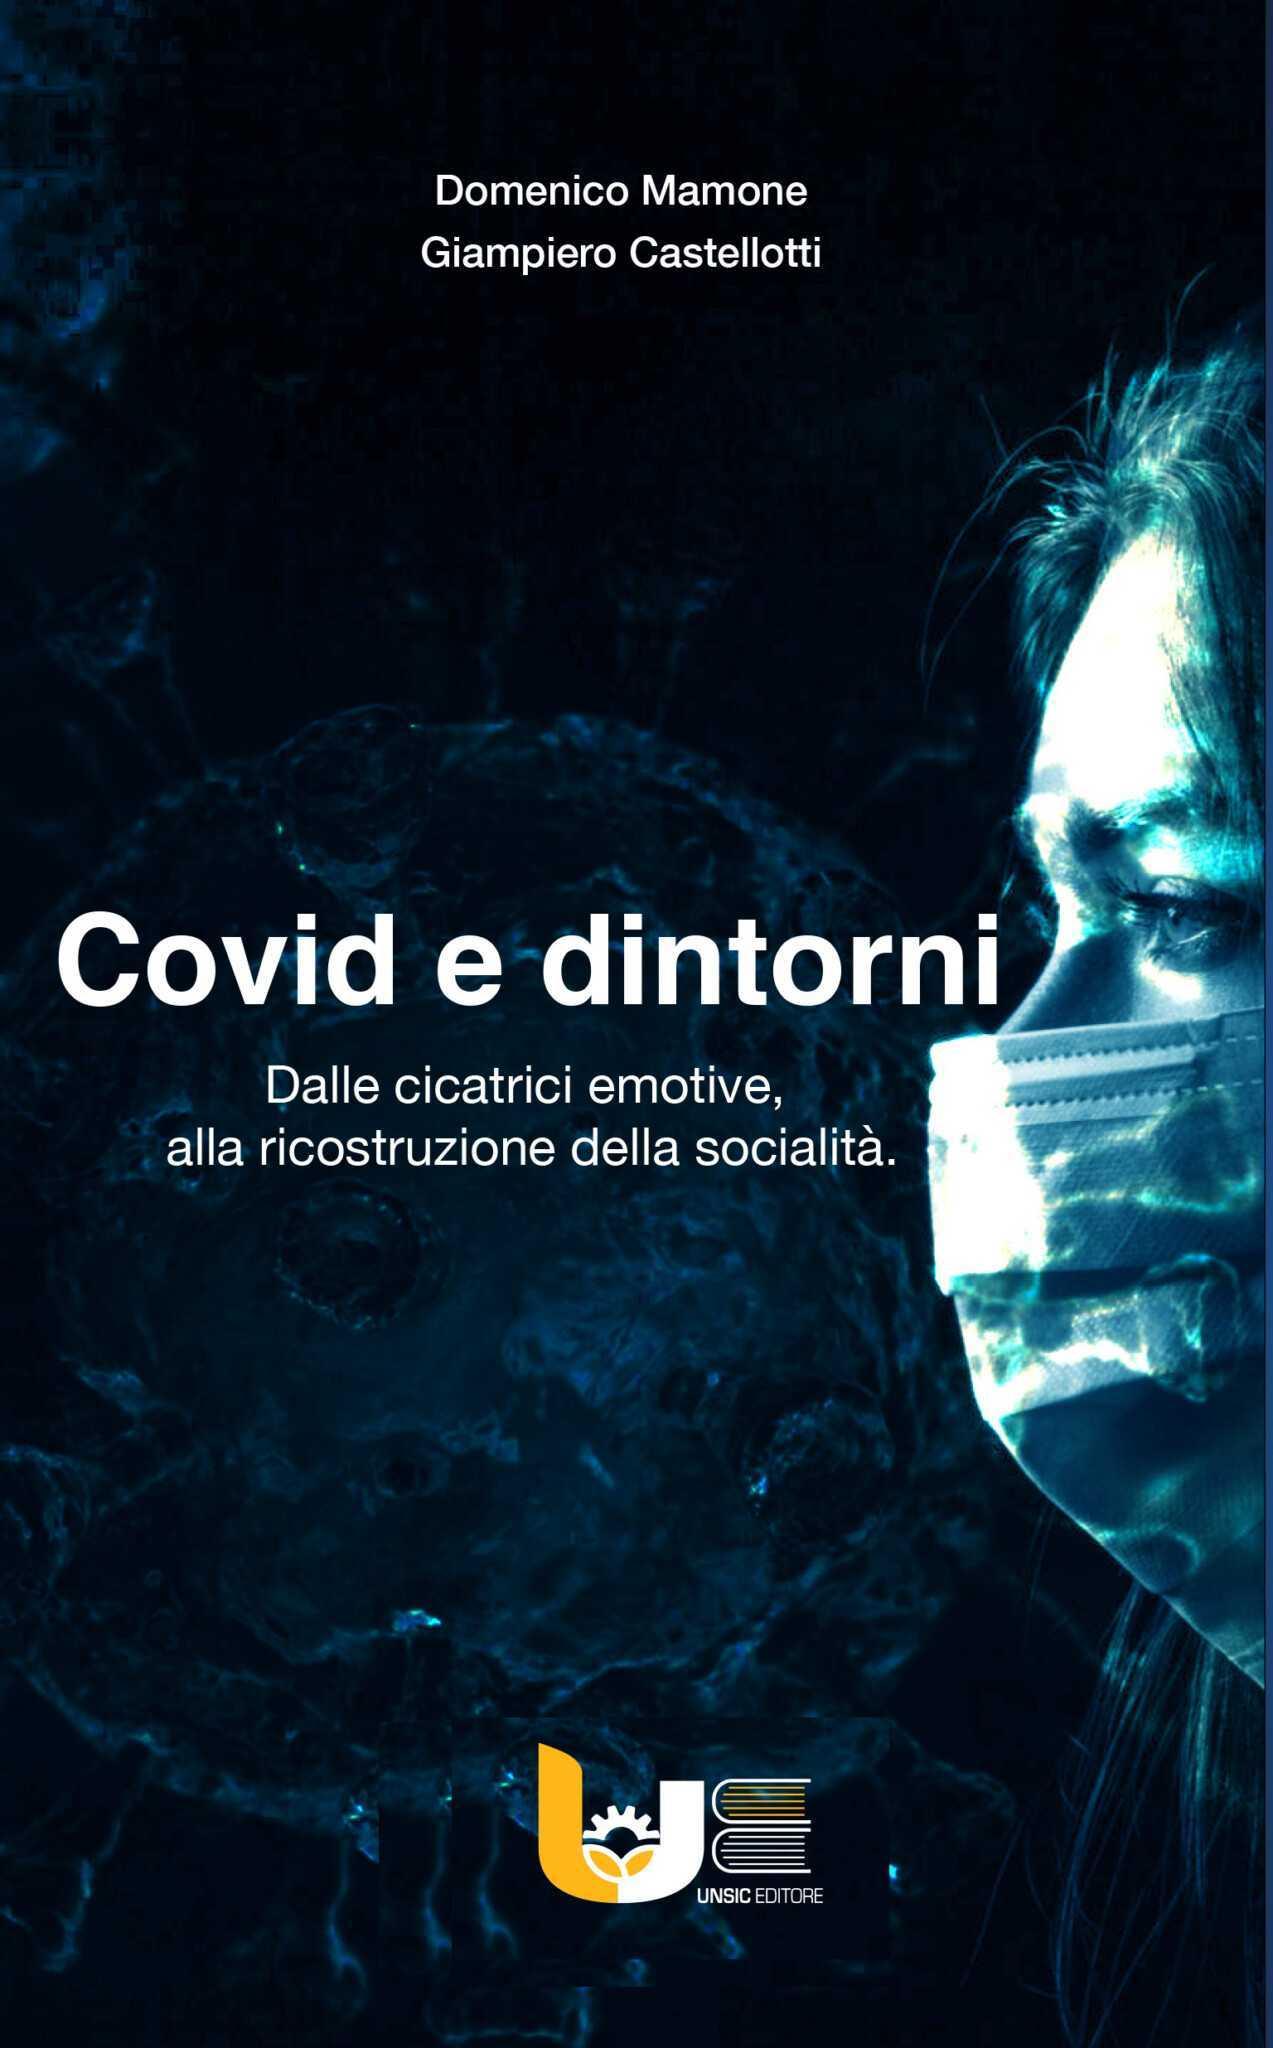 """Presentazione libro """"Covid e dintorni"""" di Domenico Mamone e Giampiero Castellotti"""